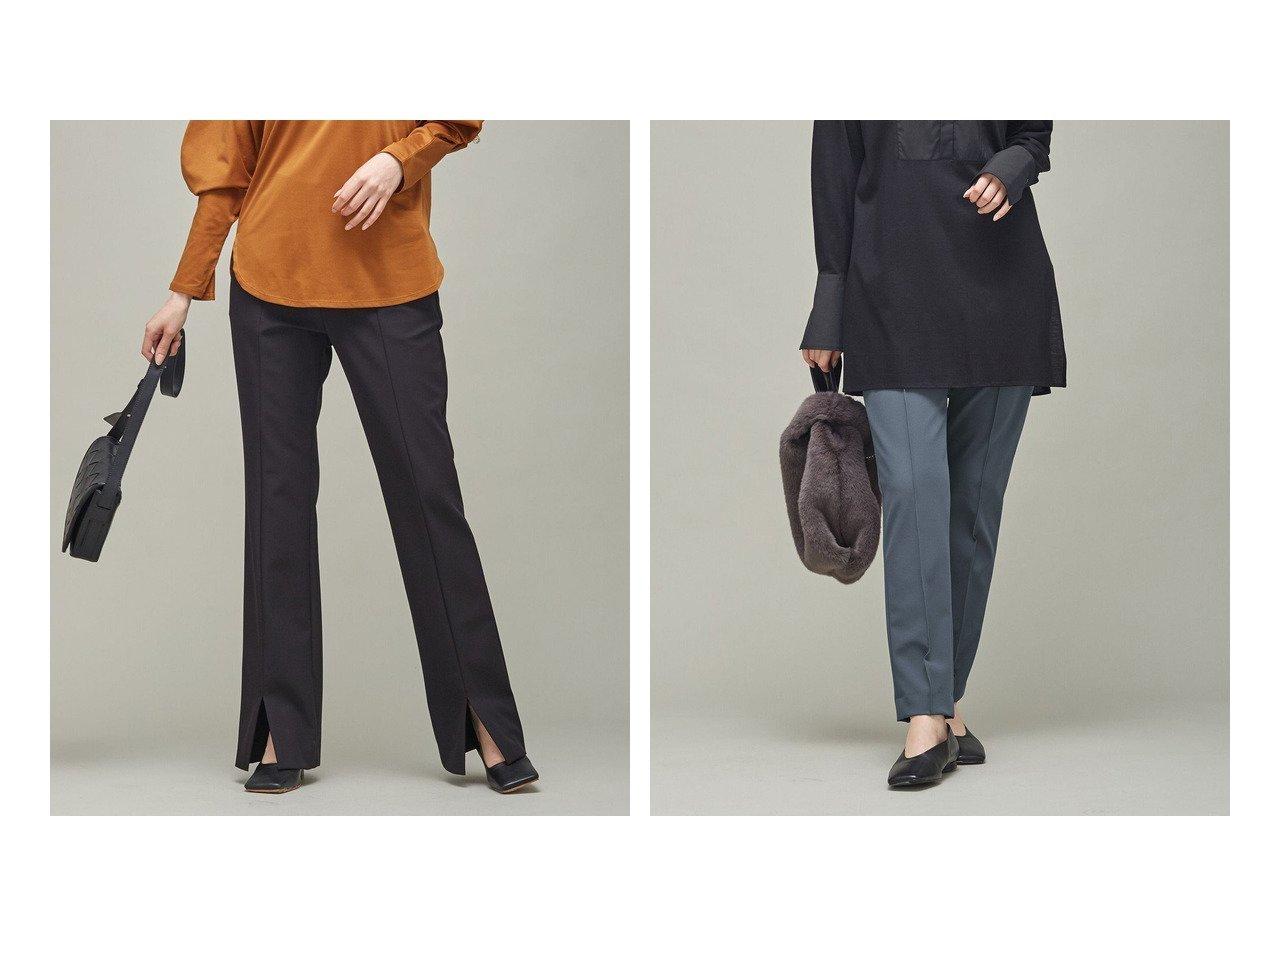 【iCB/アイシービー】のテックストレッチ スティックパンツ&テックストレッチ セミフレアパンツ 【パンツ】おすすめ!人気、トレンド・レディースファッションの通販 おすすめで人気の流行・トレンド、ファッションの通販商品 インテリア・家具・メンズファッション・キッズファッション・レディースファッション・服の通販 founy(ファニー) https://founy.com/ ファッション Fashion レディースファッション WOMEN パンツ Pants 送料無料 Free Shipping 2021年 2021 2021-2022秋冬・A/W AW・Autumn/Winter・FW・Fall-Winter・2021-2022 A/W・秋冬 AW・Autumn/Winter・FW・Fall-Winter ストレッチ スポーティ スリット トレンド フロント ペンシル  ID:crp329100000070569